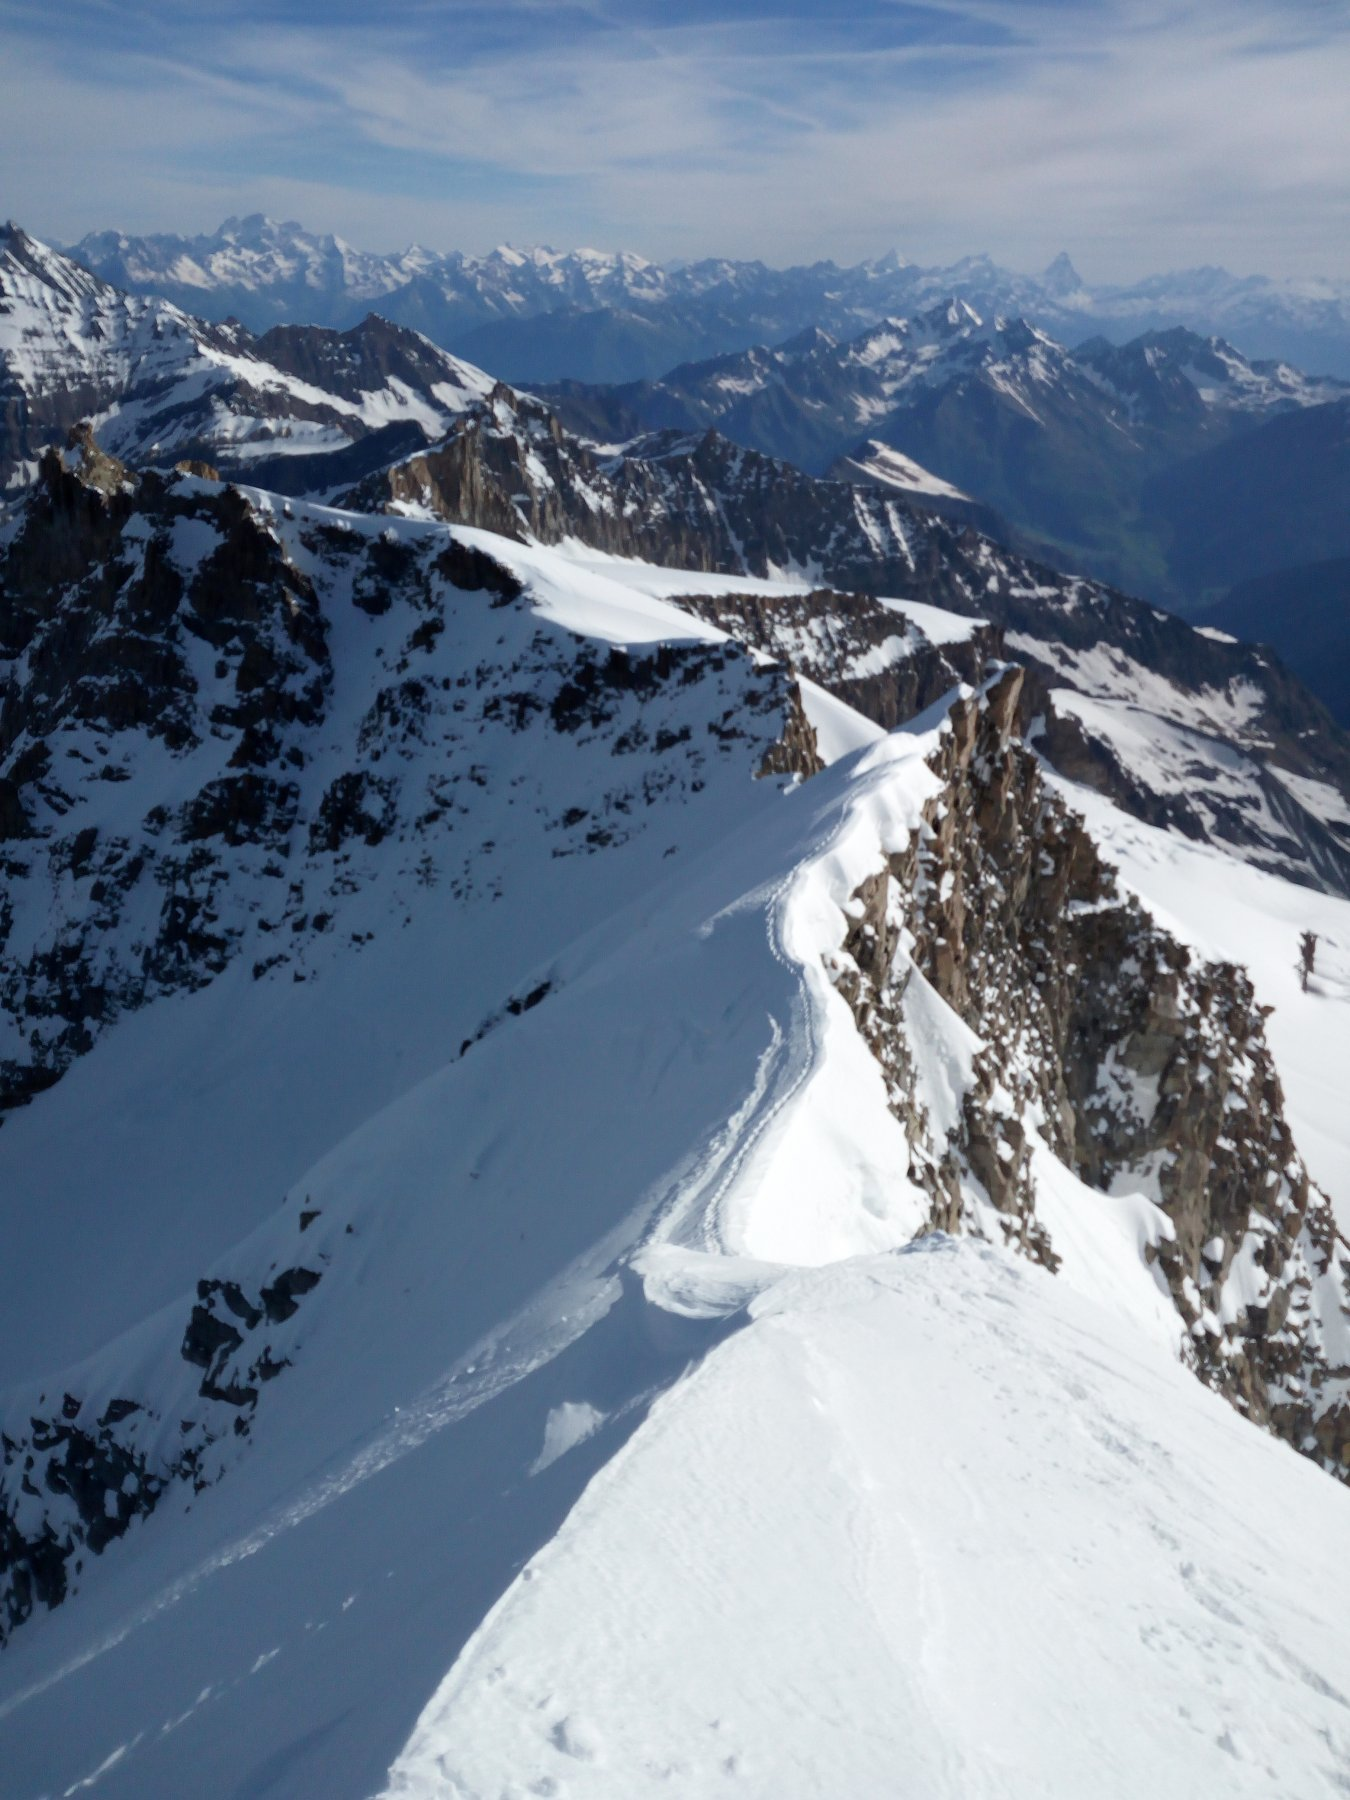 La cresta che collega Piccolo e Gran Paradiso, a sx l'uscita della parete nord.